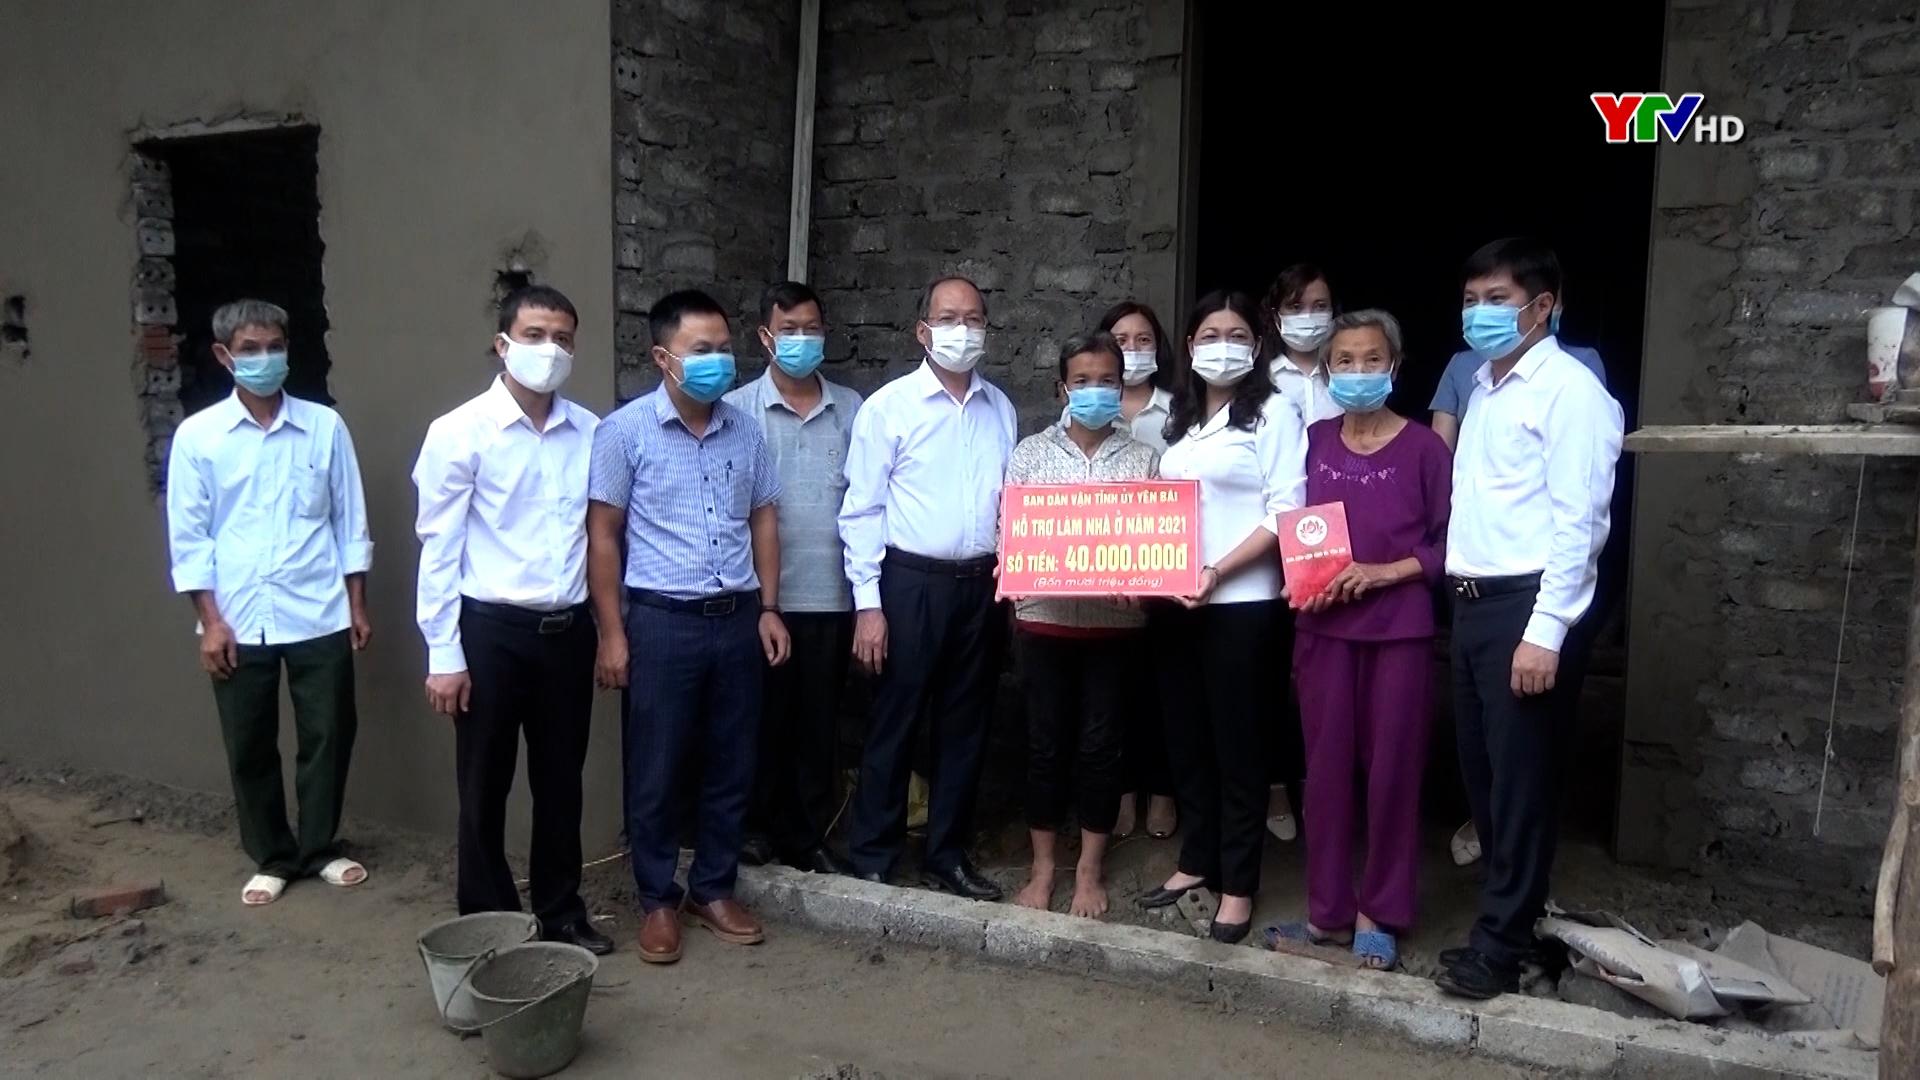 Đồng chí Hoàng Thị Vĩnh –Trưởng Ban Dân vận Tỉnh ủy cùng đoàn công tác trao tiền hỗ trợ làm nhà cho hộ nghèo